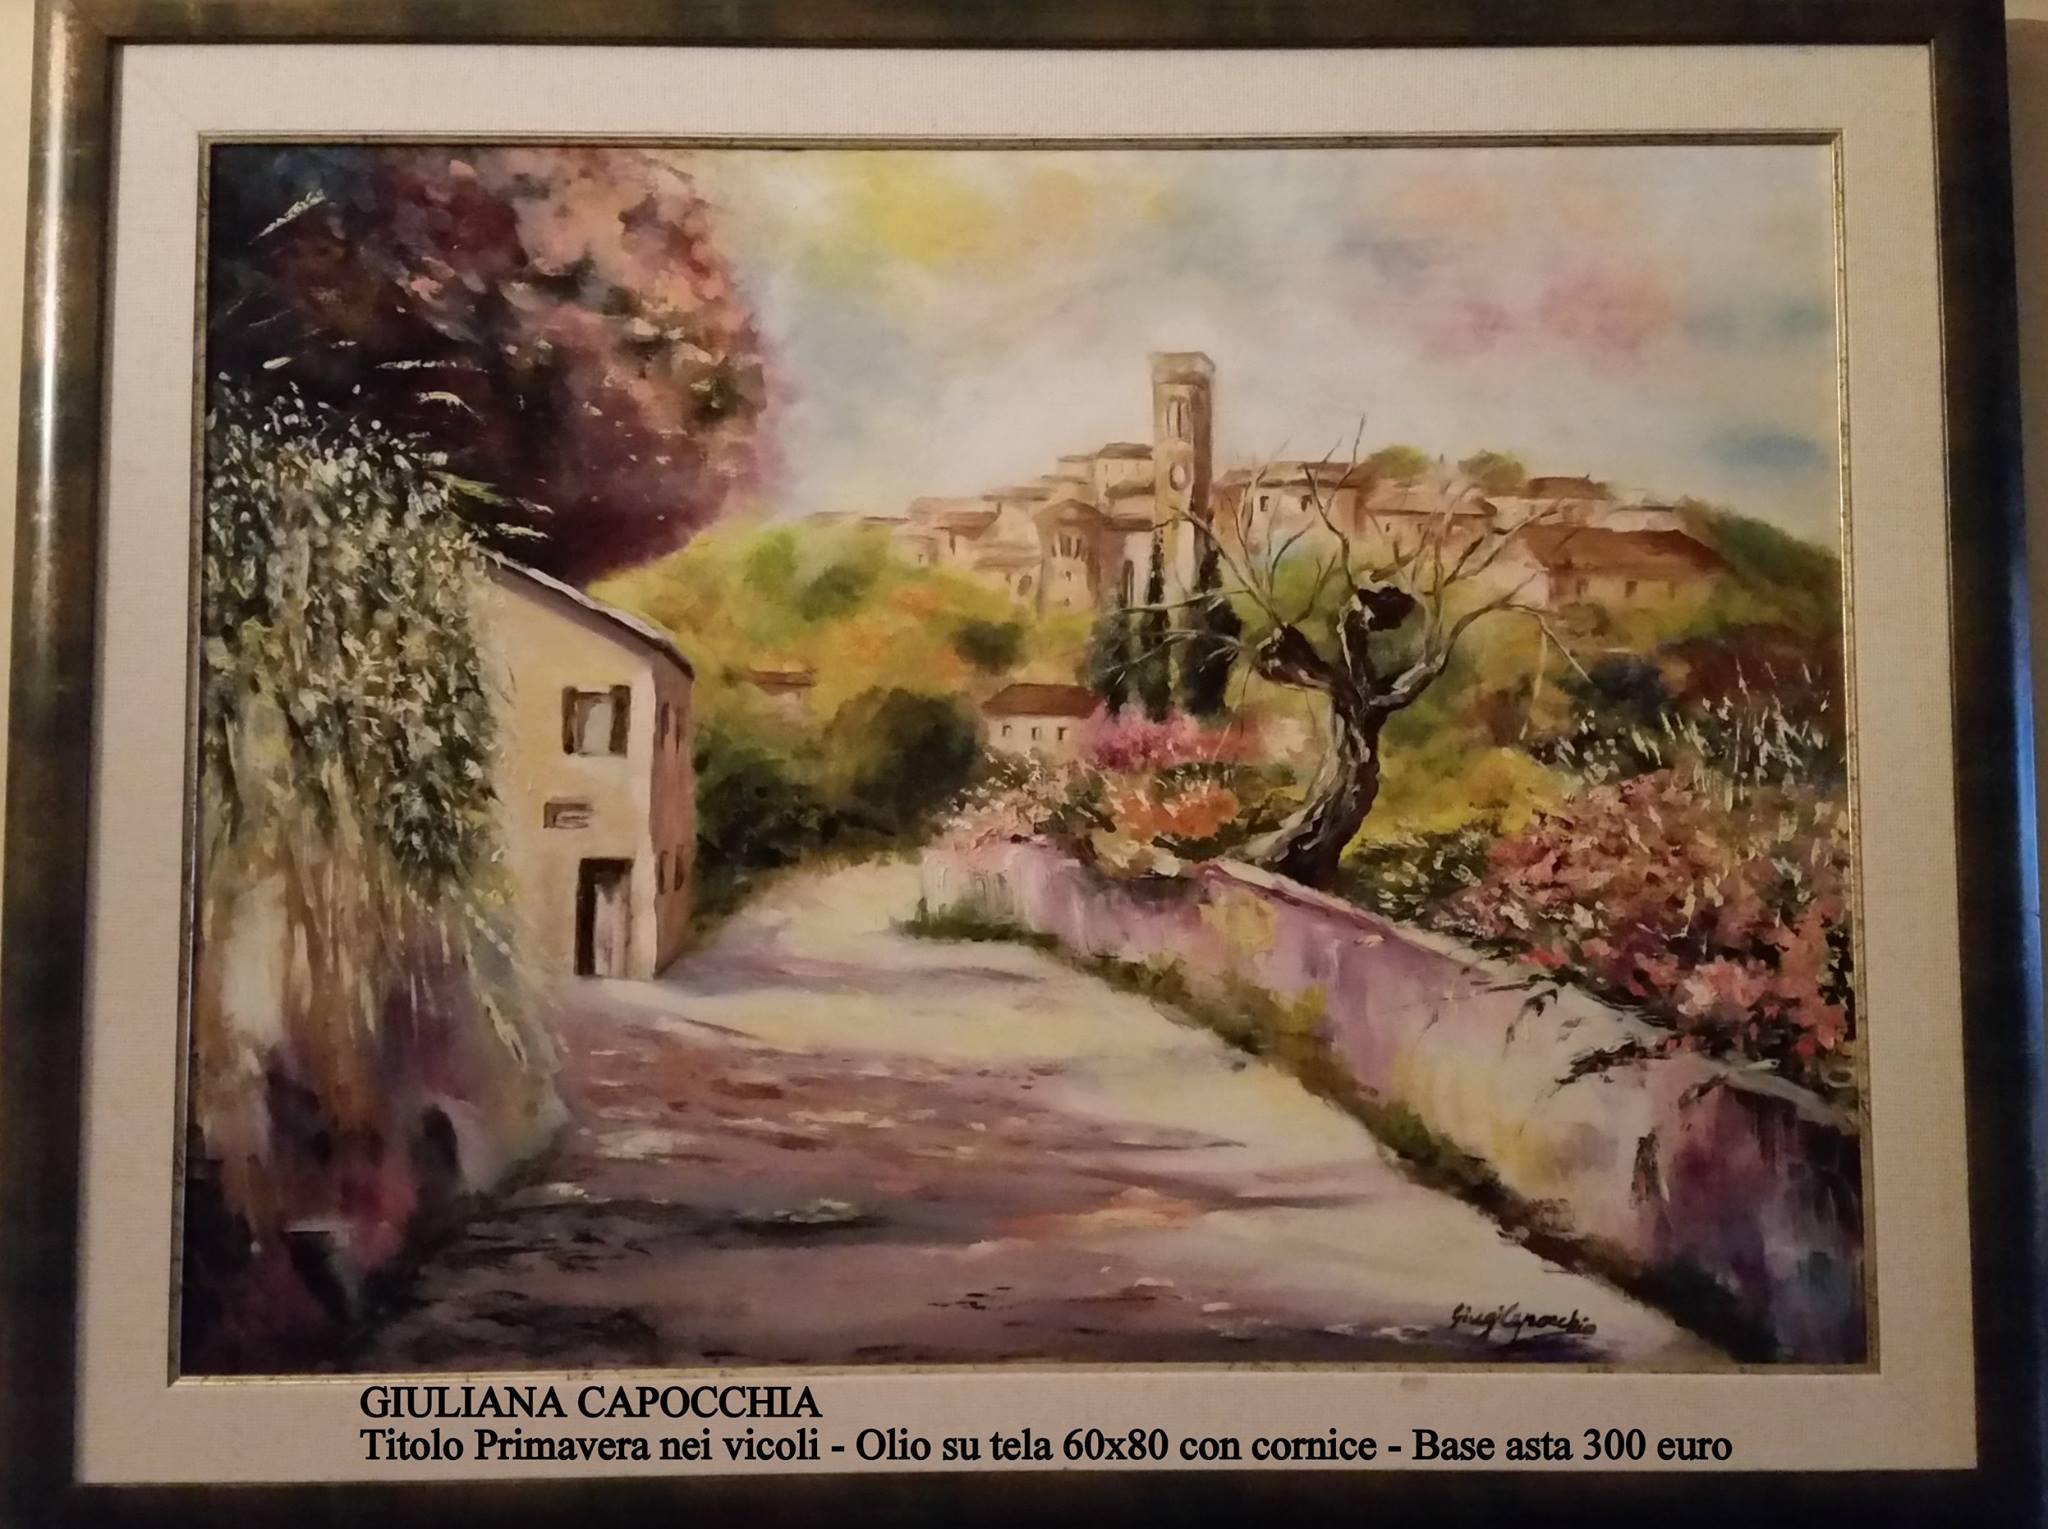 Dipinto in vendita Primavera nei vicoli. Olio su tela. Artista Giuliana Capocchia